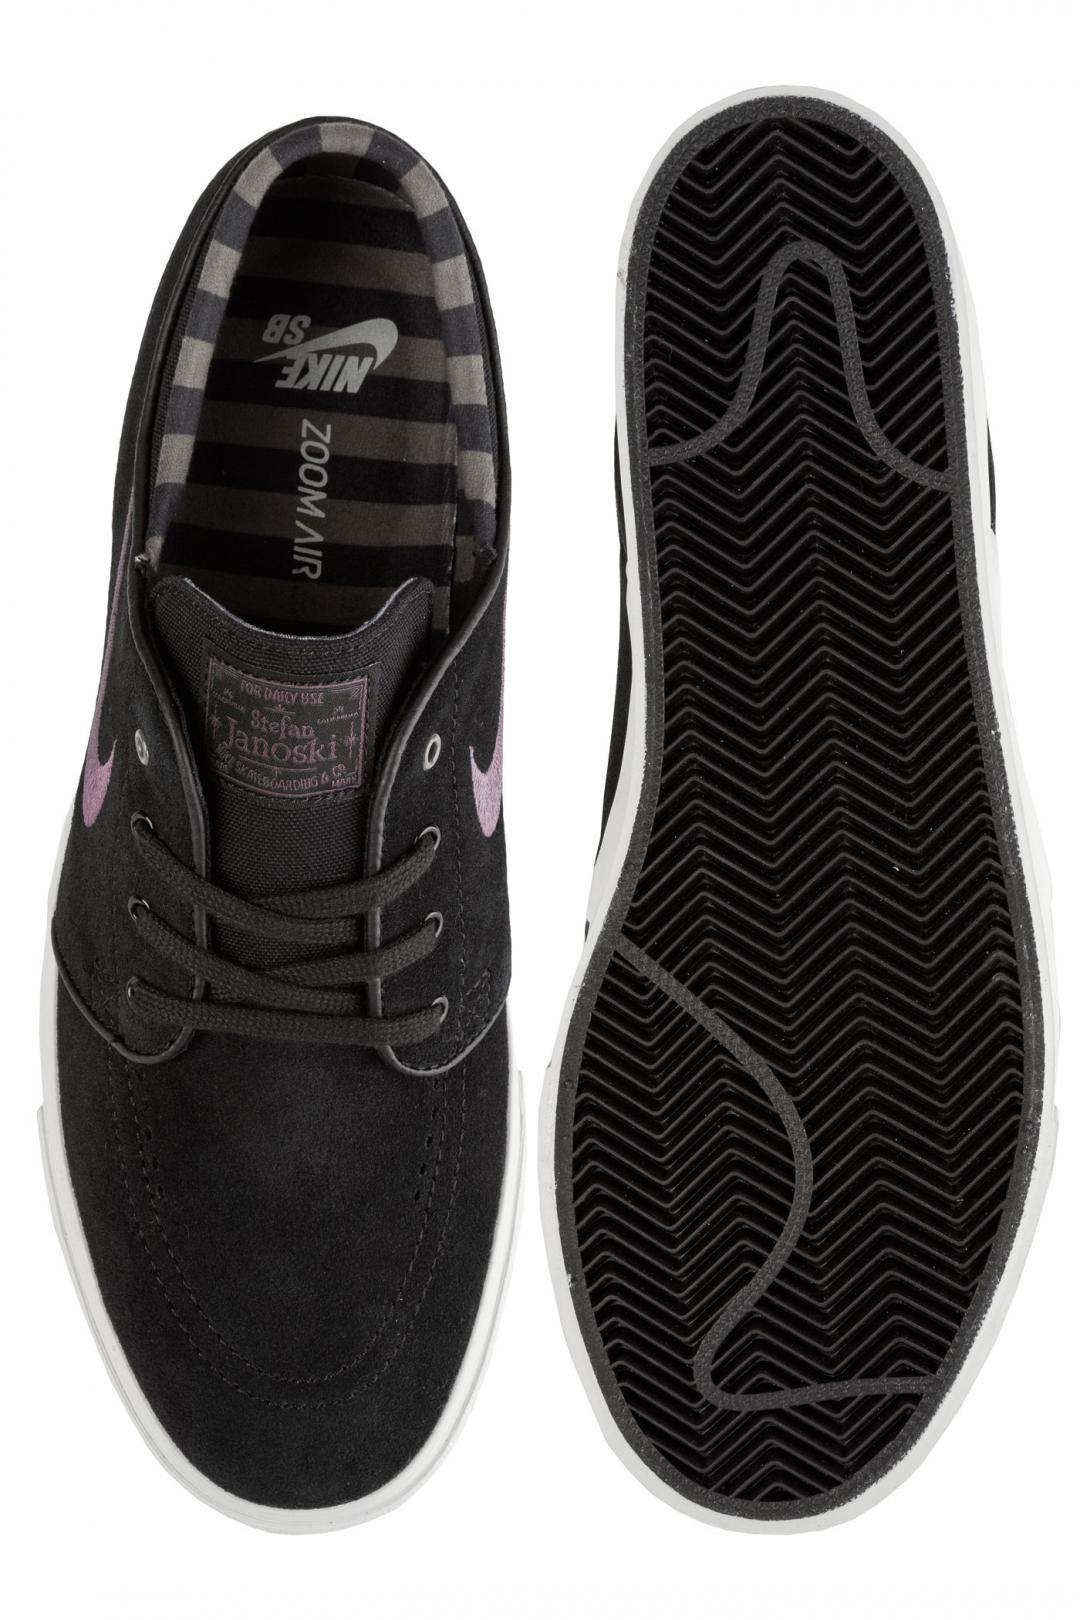 Uomo Nike SB Zoom Stefan Janoski black pro purple ridgerock light | Sneakers low top